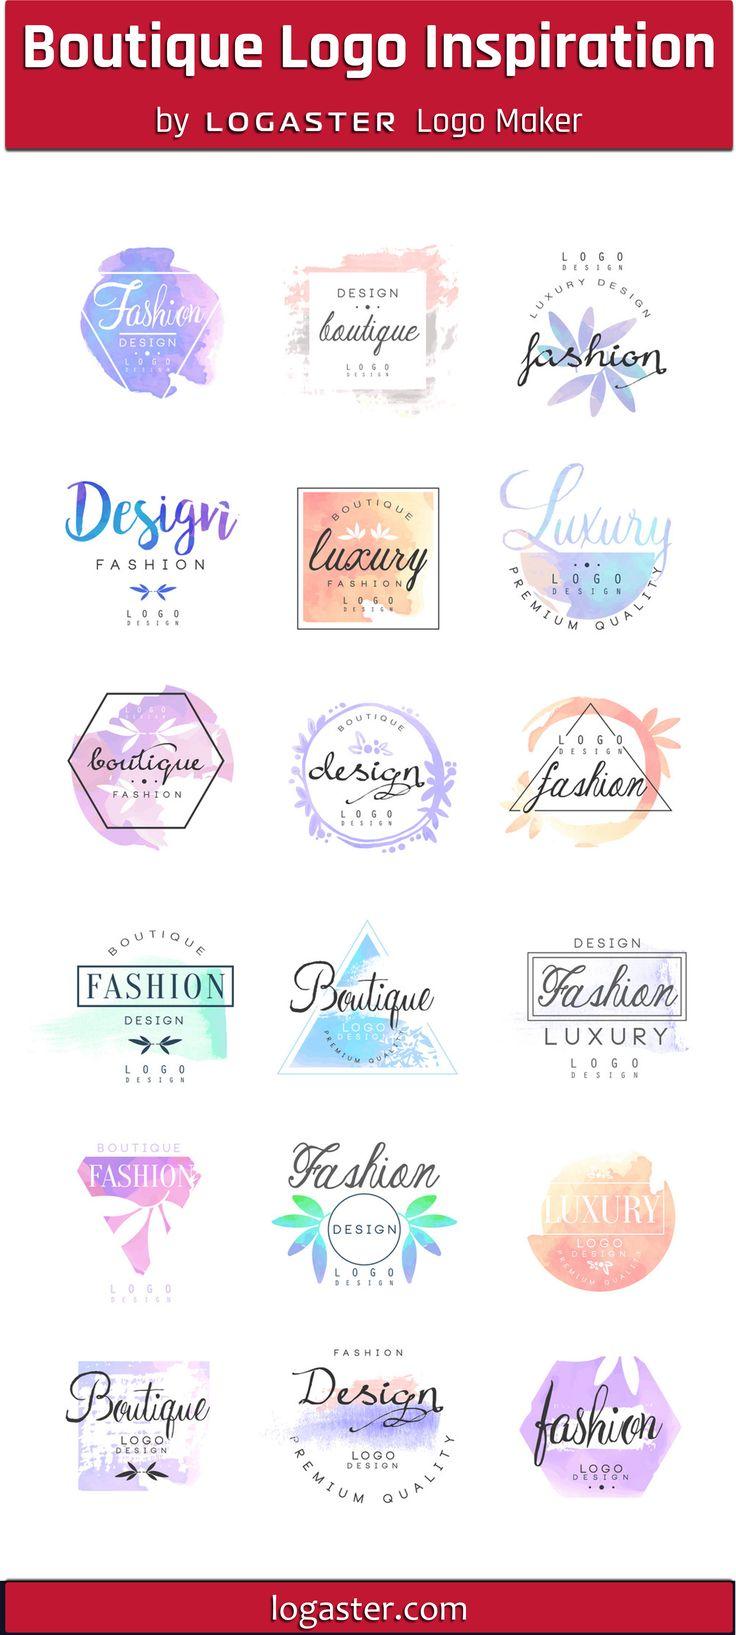 Logaster Logo Maker presents Boutique Logo Design Ideas